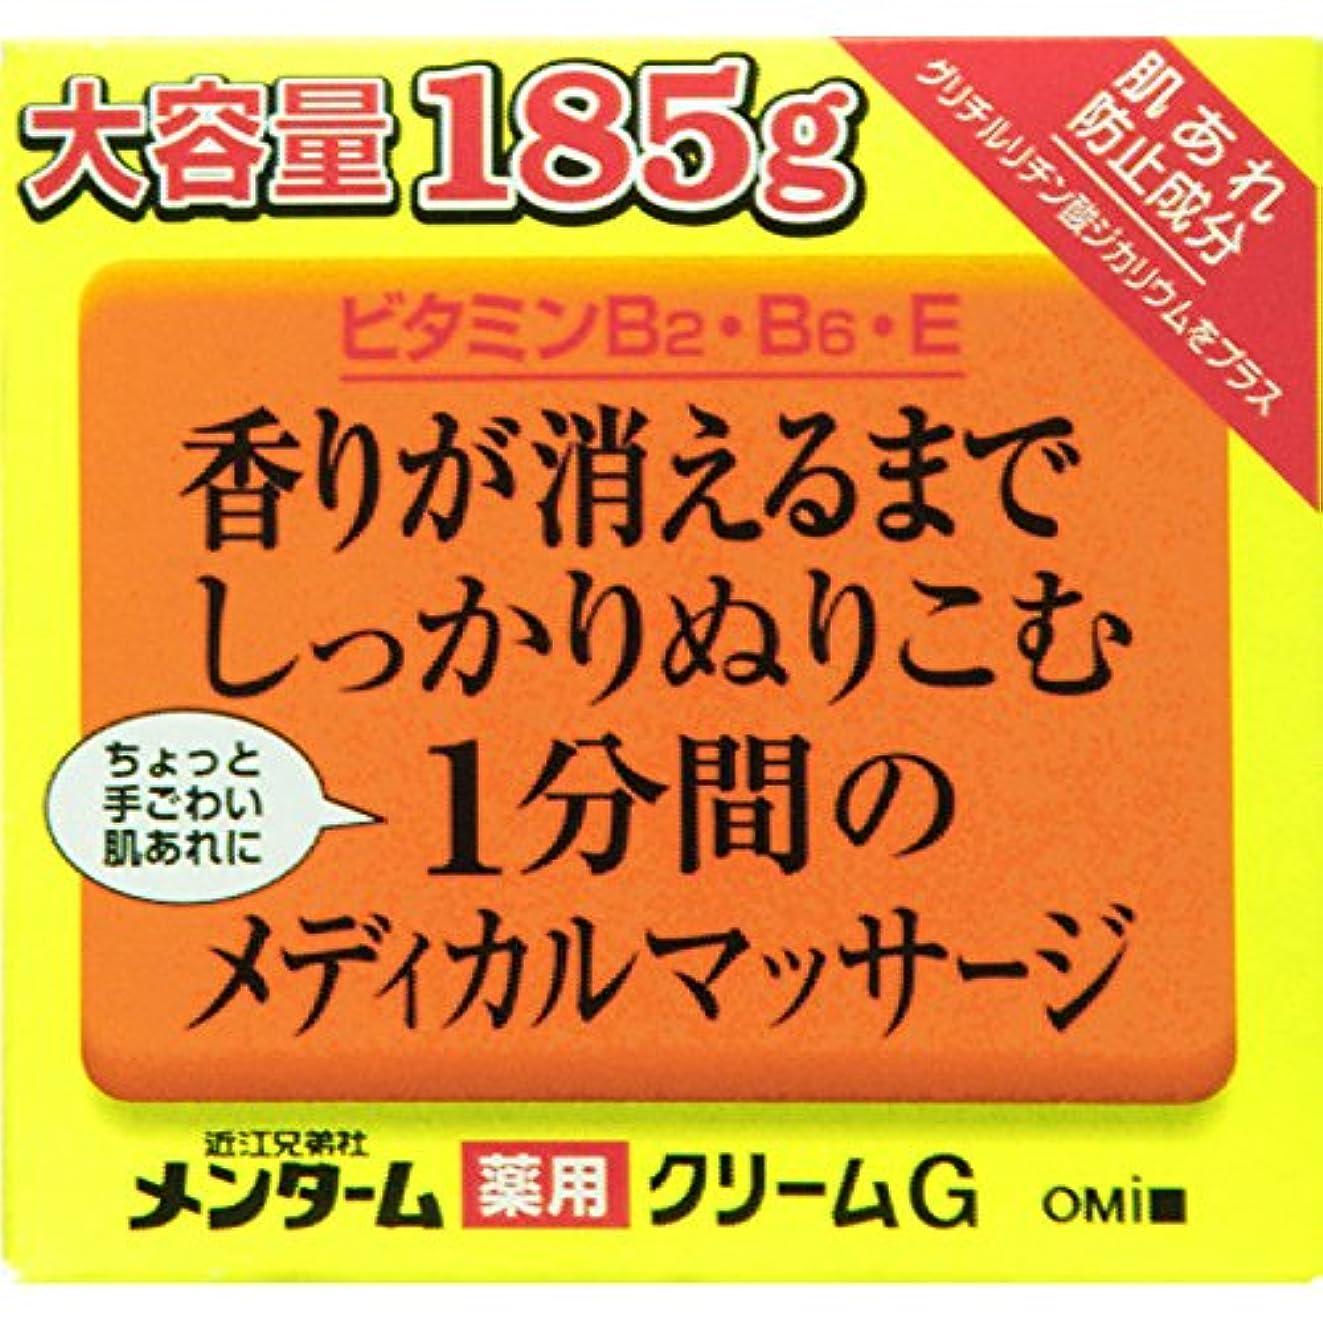 困惑した蒸発掘MKM メンタームメディカルクリーム 185g